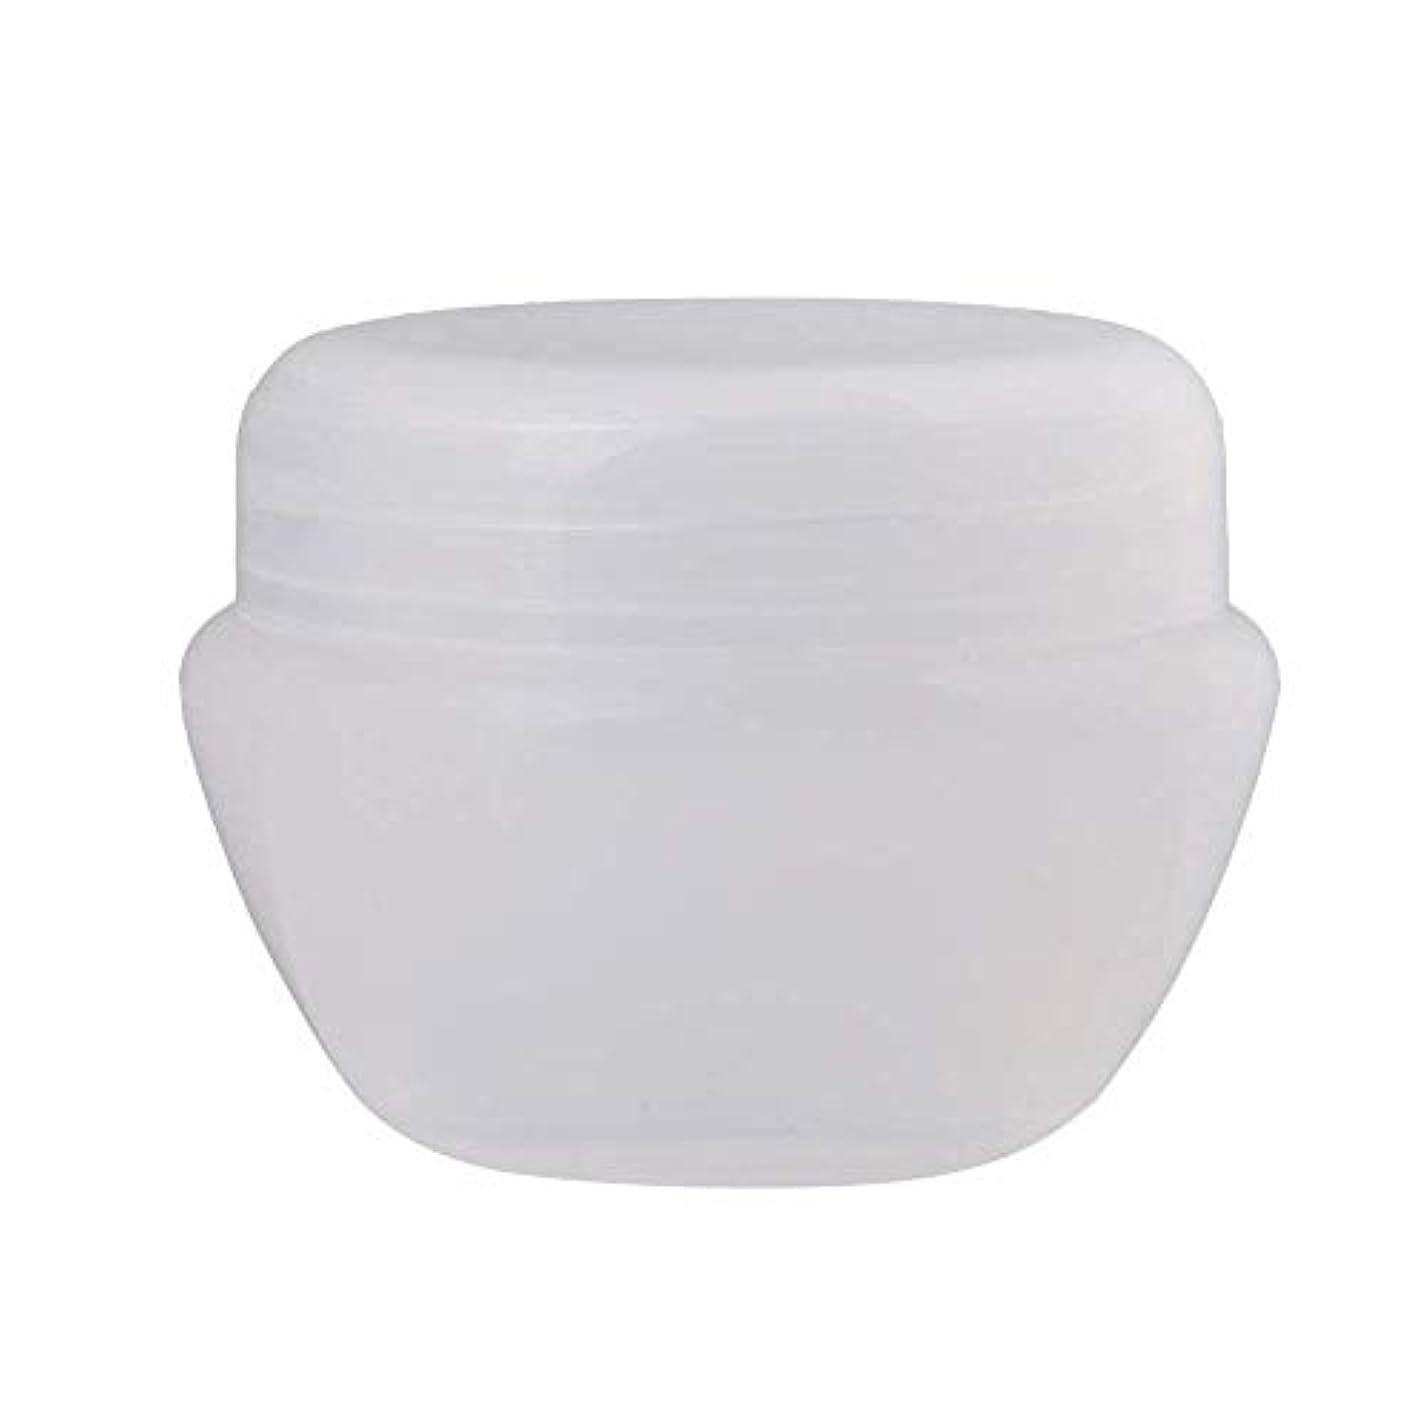 ネコ自分のタウポ湖Diystyle 20個入 5g クリームケース 空ポット 化粧品用 詰替え 空容器 旅行用品 ホワイト